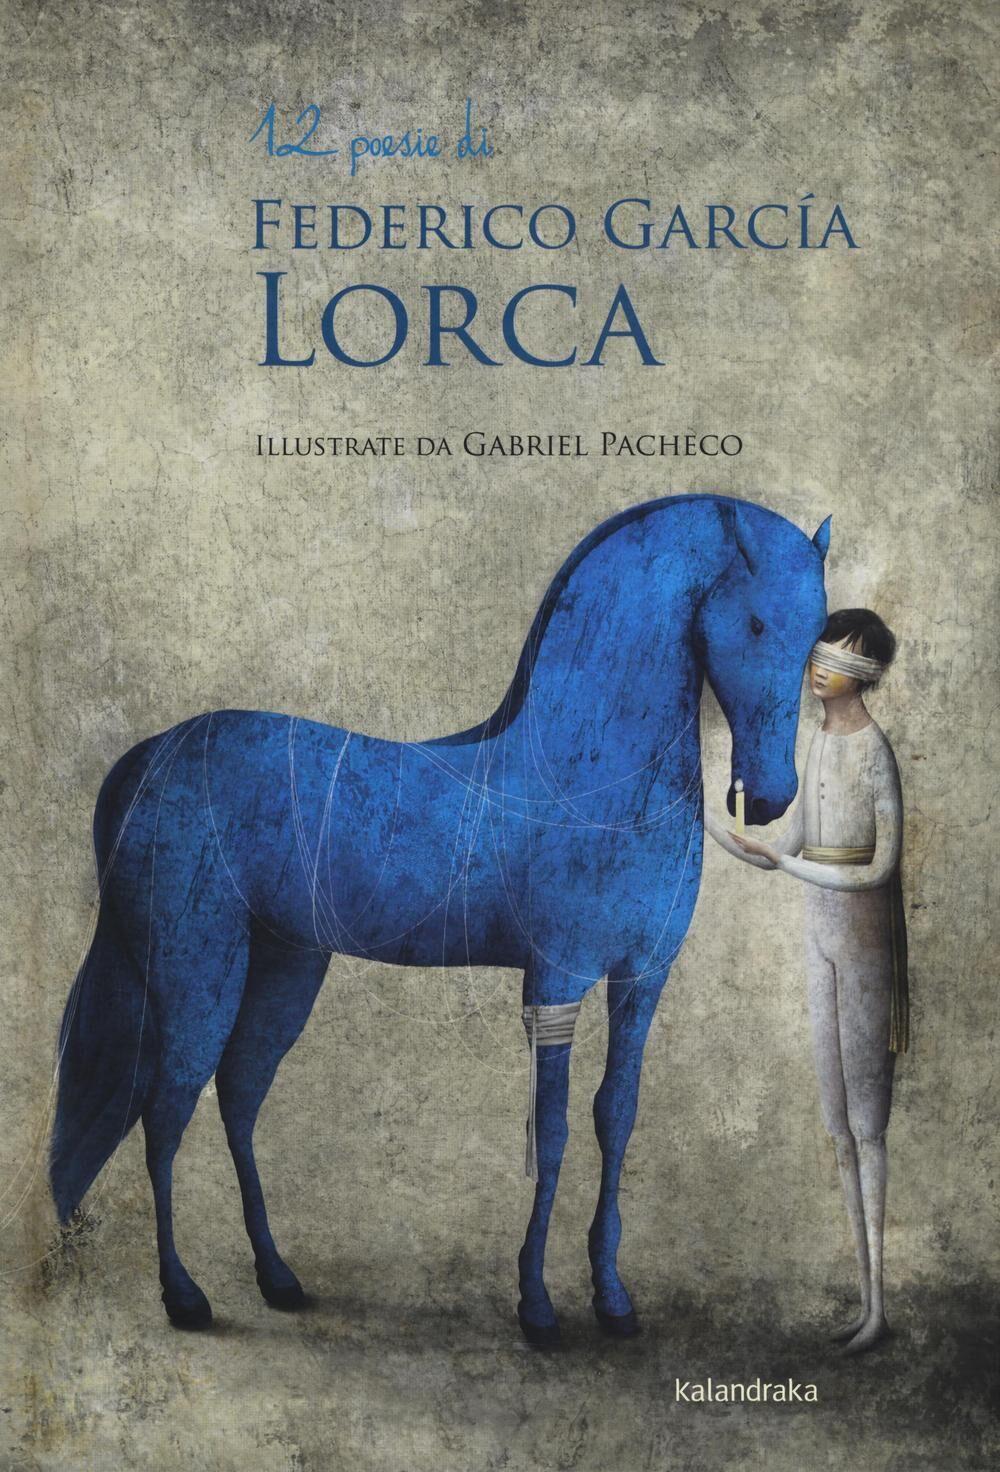 12 poesie di Federico García Lorca